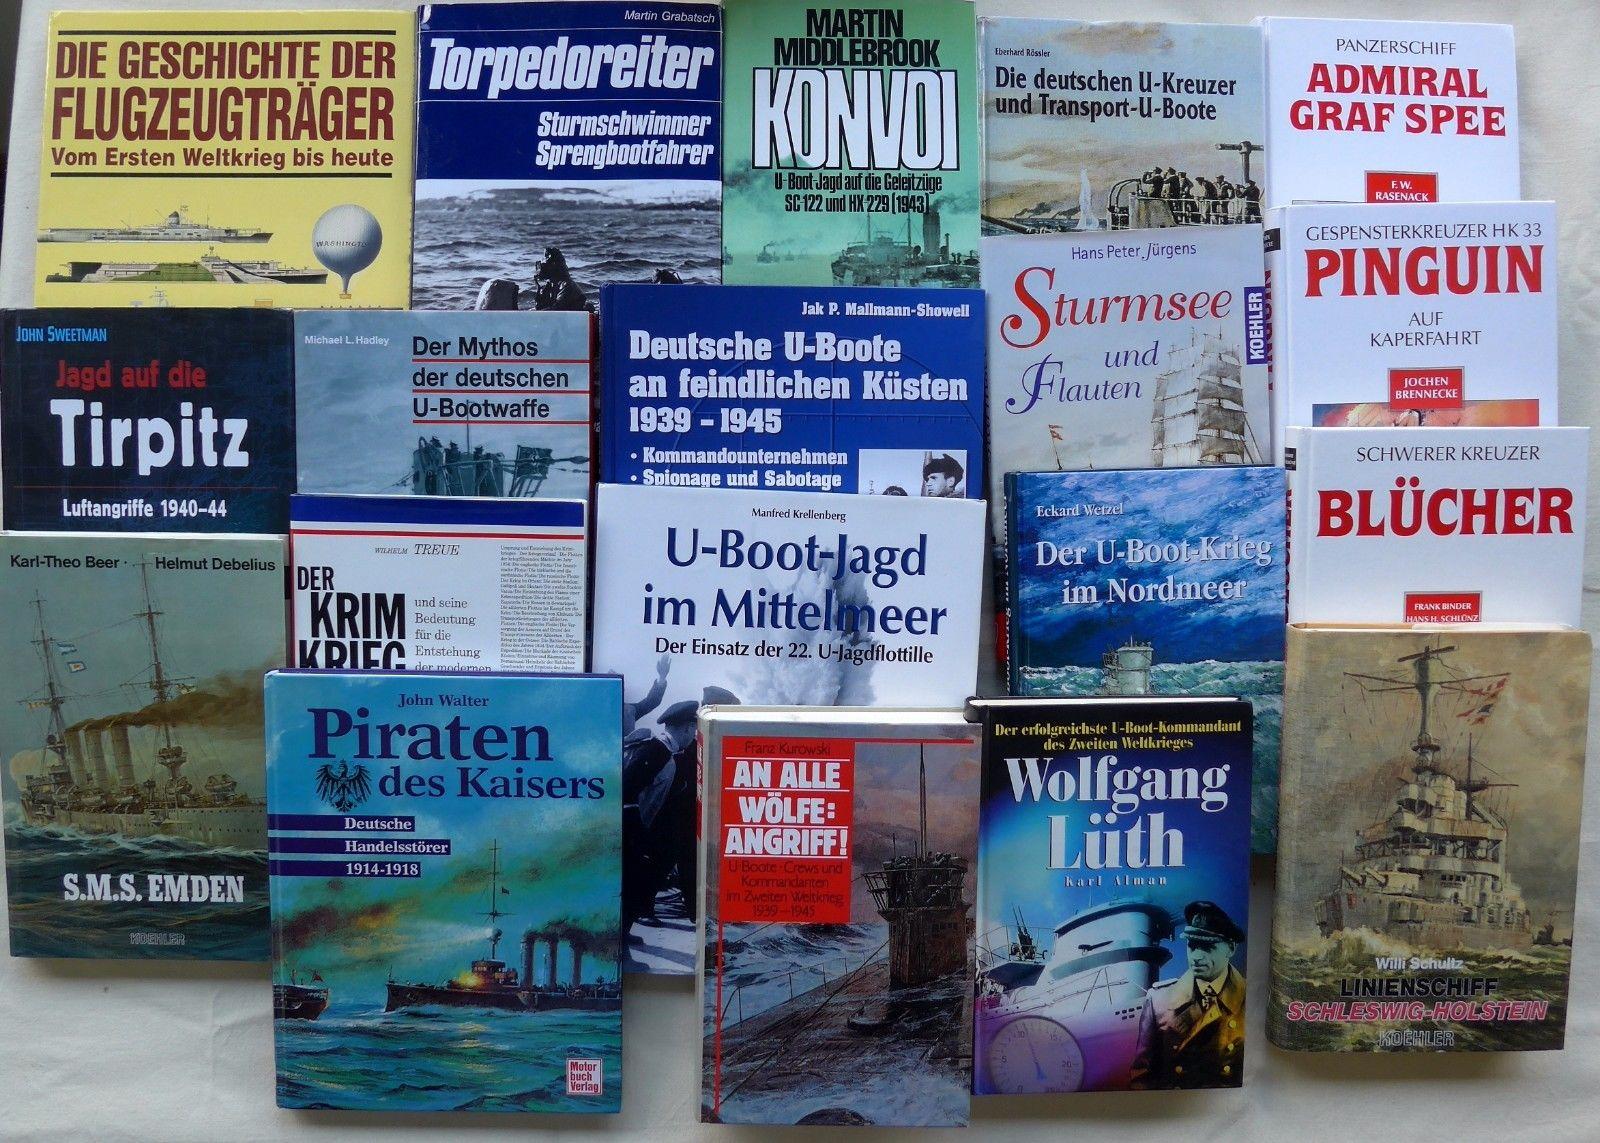 Bücherpaket mit 19 Büchern MARINE - Kriegsmarine 2.Weltkrieg U-Boote 1.Weltkrieg